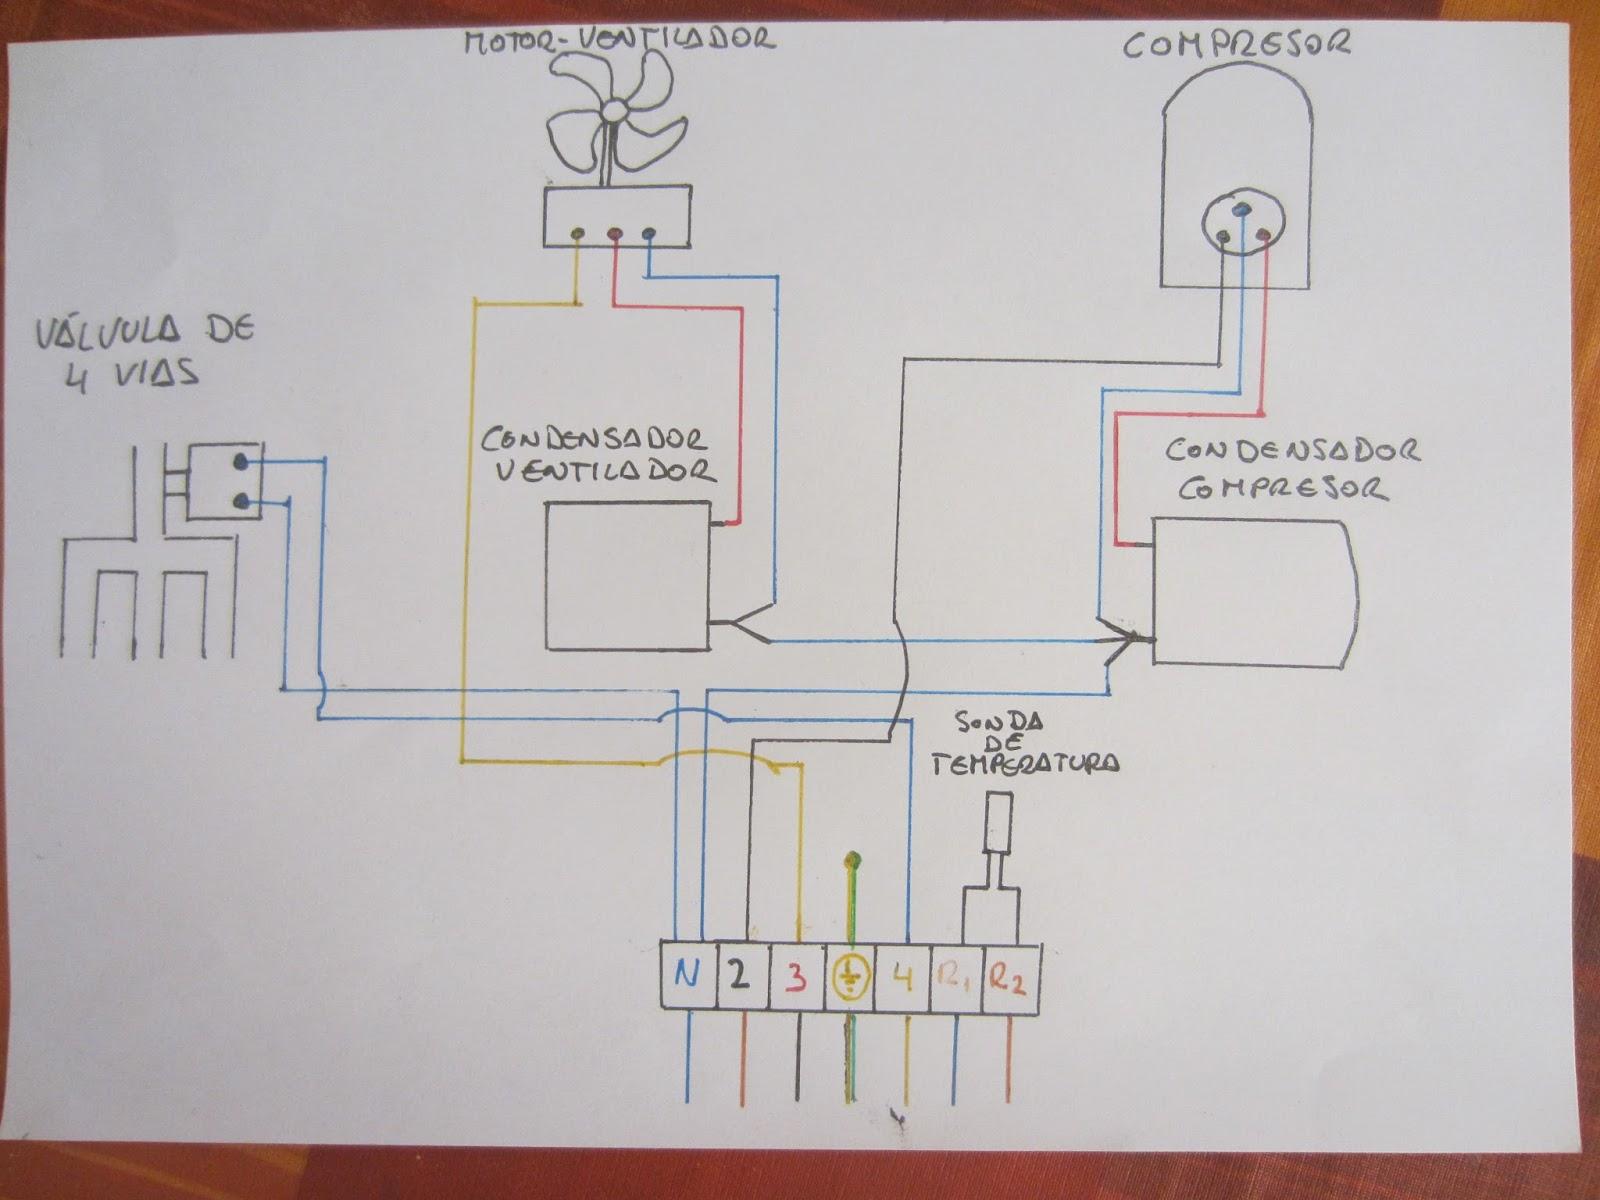 Circuito Ventilador : Reparaciones del hogar funcionamiento de un circuito frigorÍfico